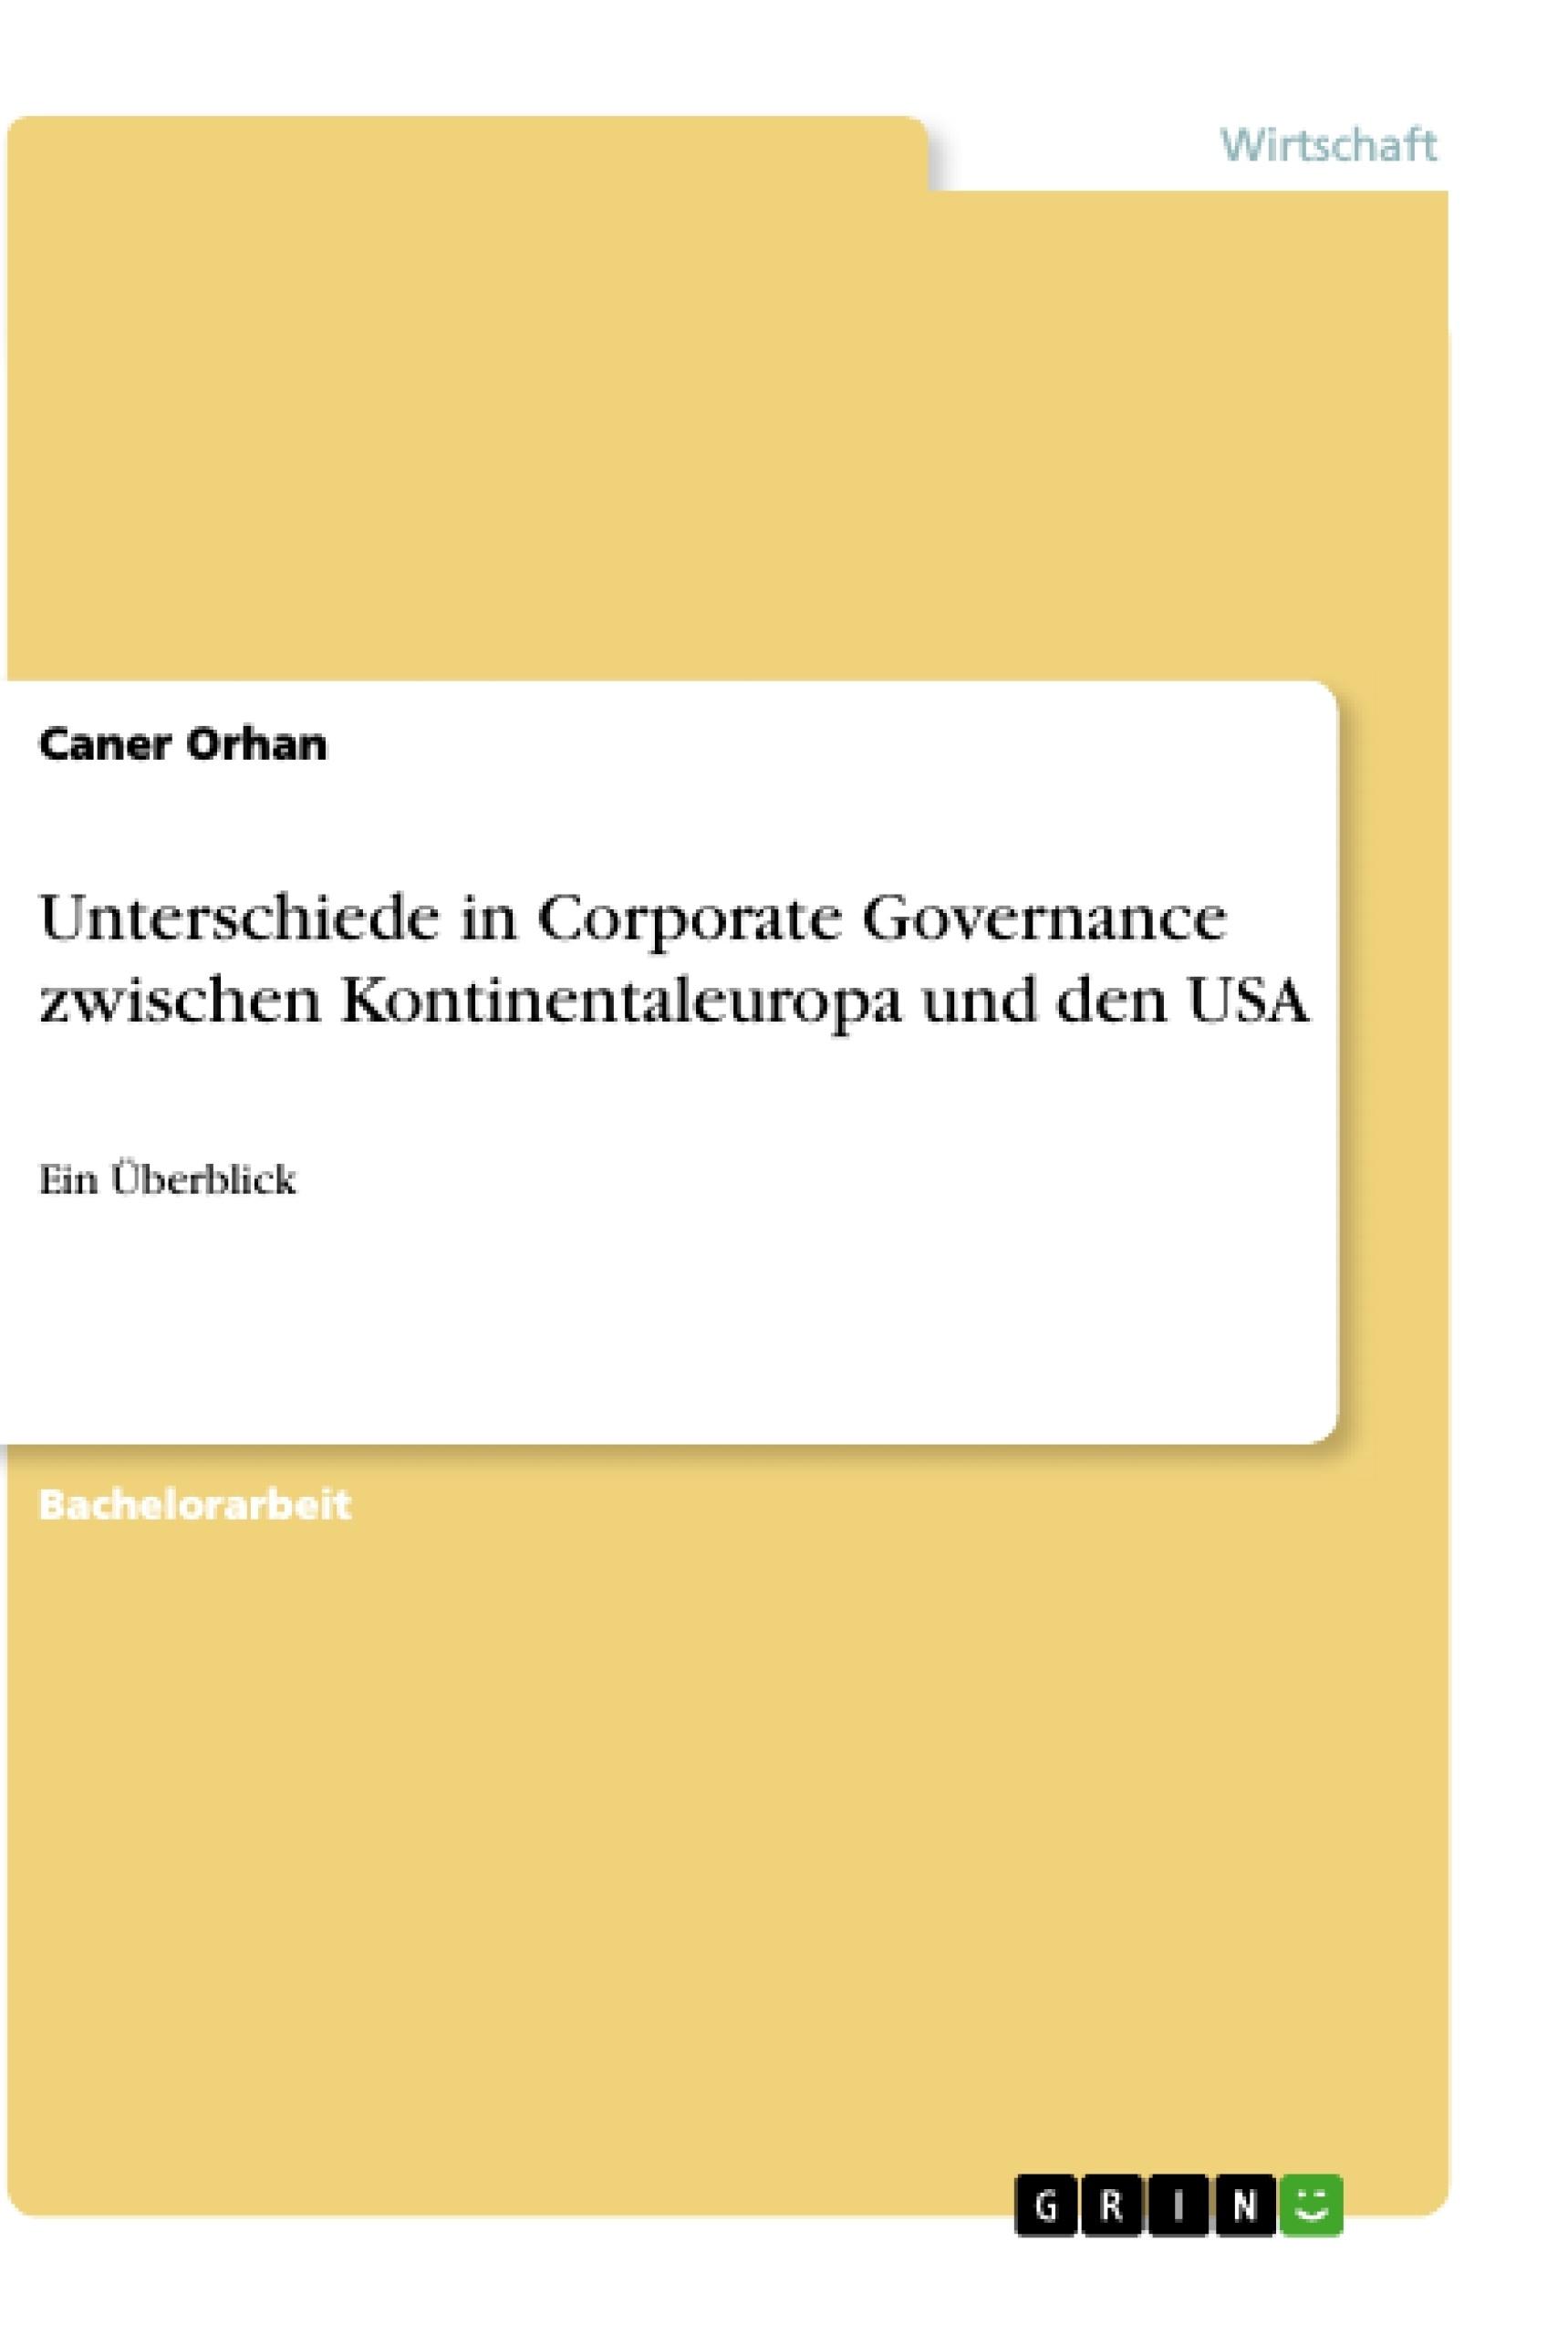 Titel: Unterschiede in Corporate Governance zwischen Kontinentaleuropa und den USA